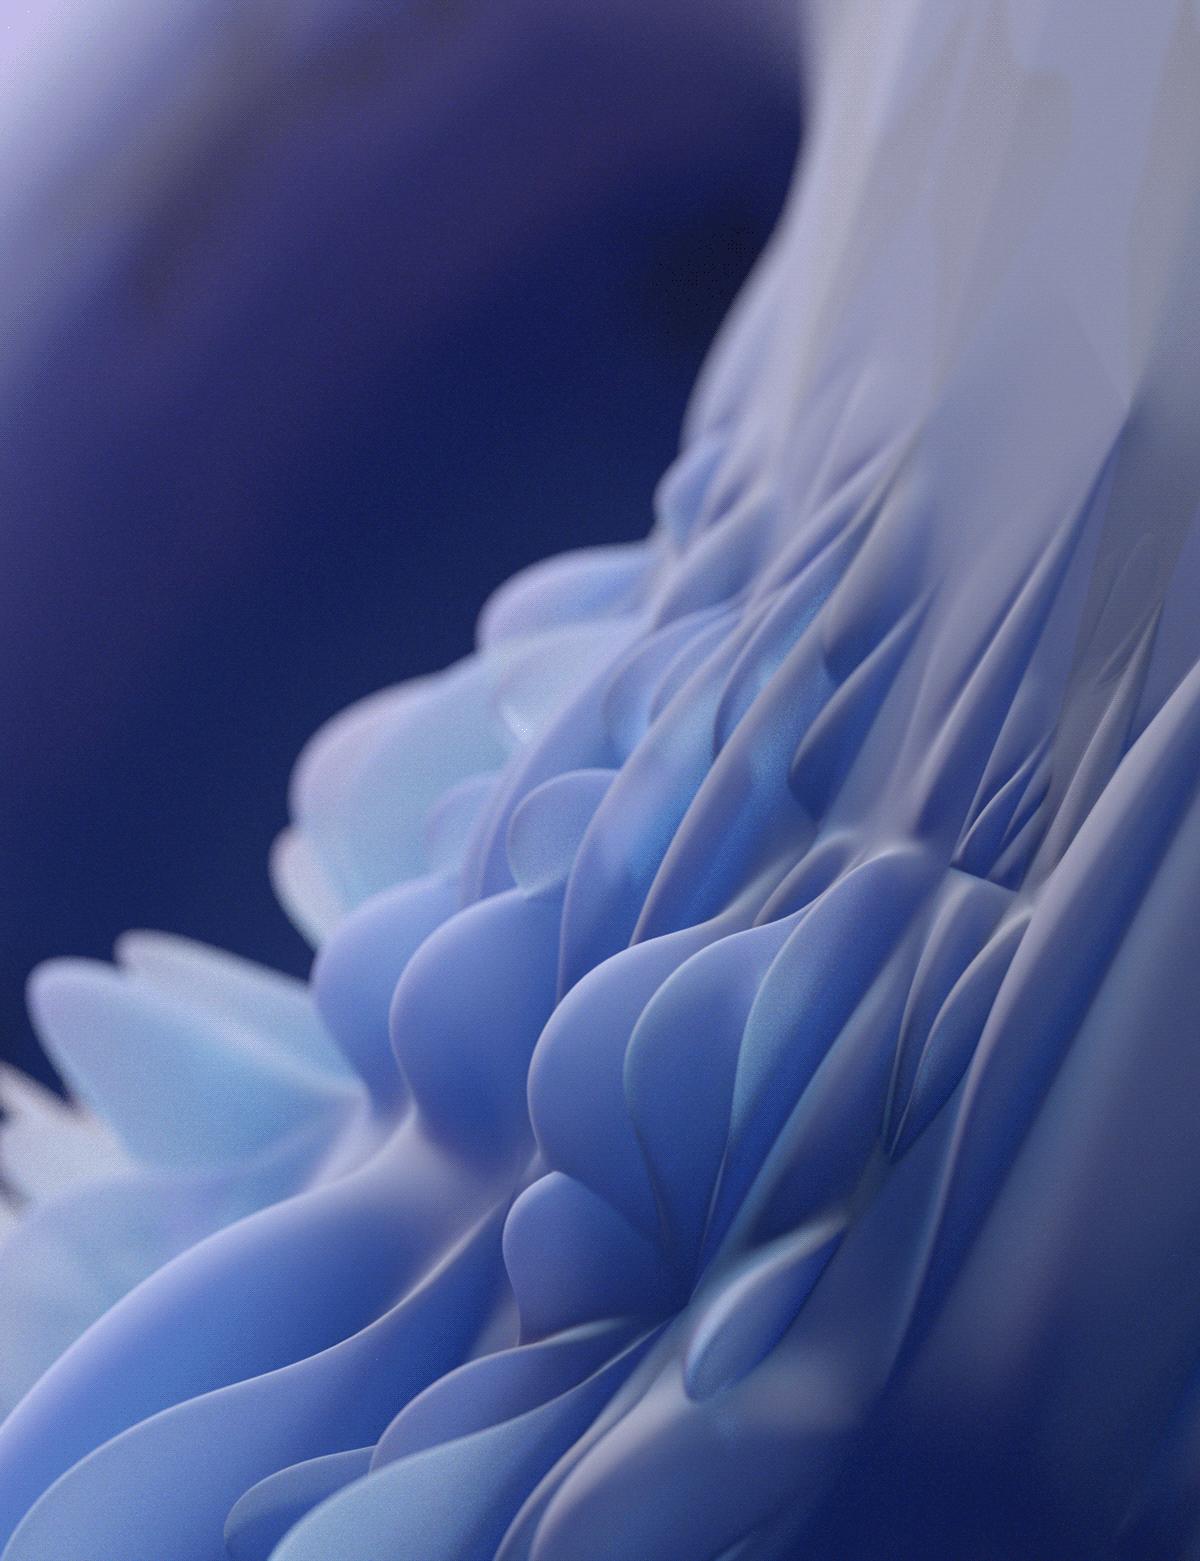 glass sovery abstract 3d art wallpaper background Digital Art  mobile Web 3d artist